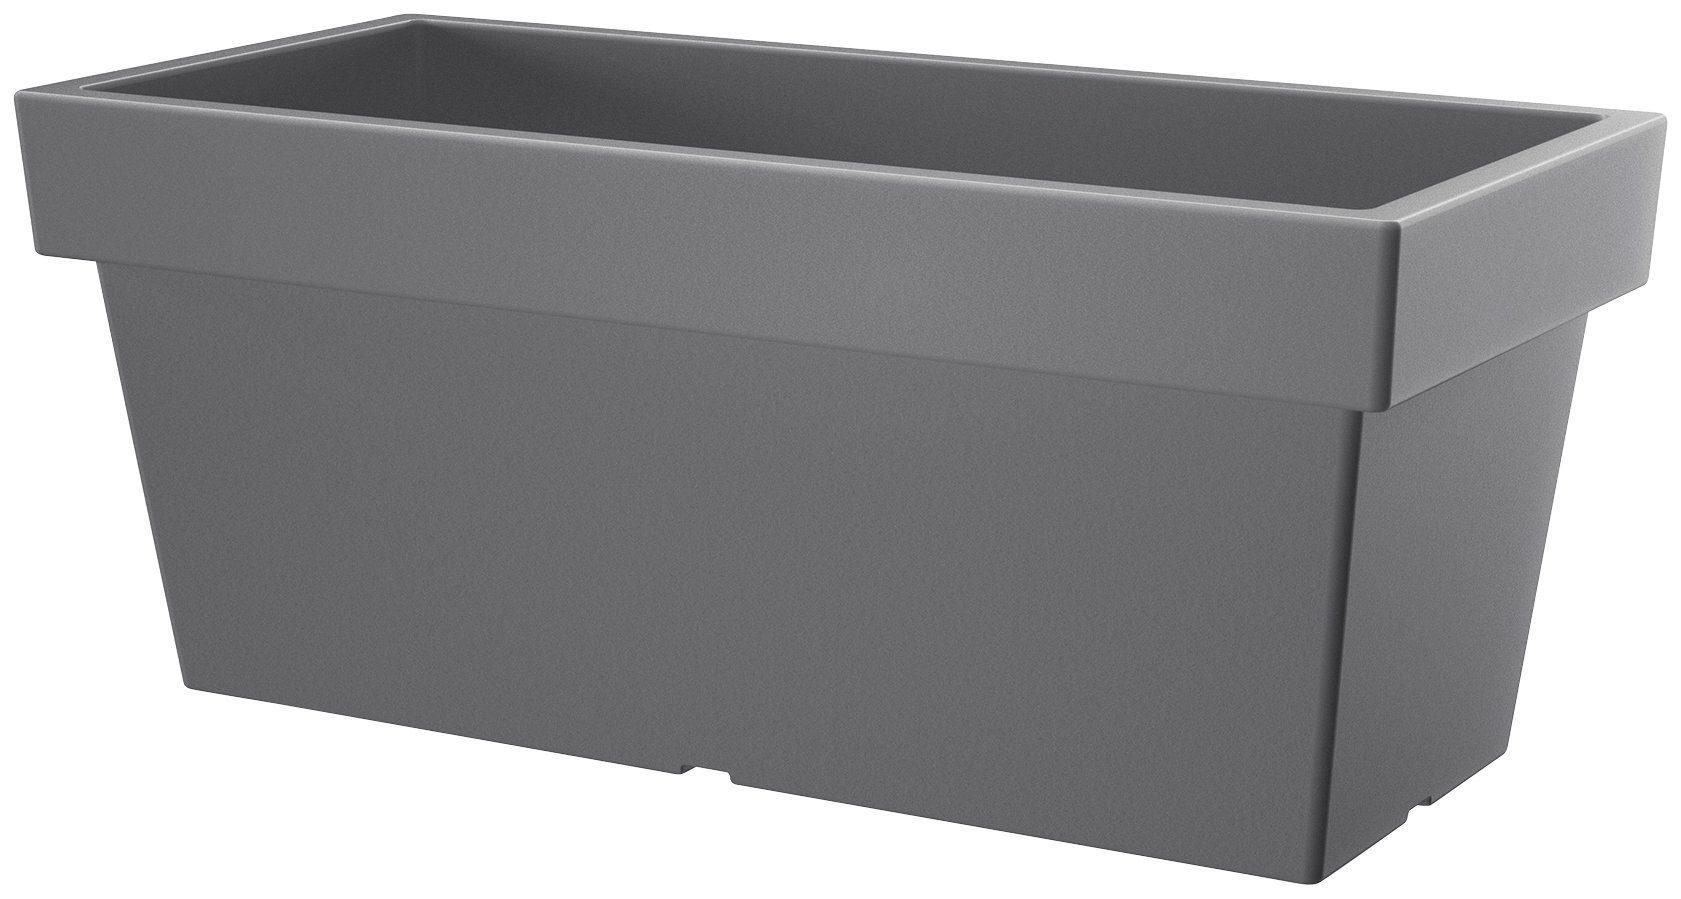 PROSPERPLAST Blumenkasten »Lofly case«, steingrau, BxTxH: 39x39x41 cm